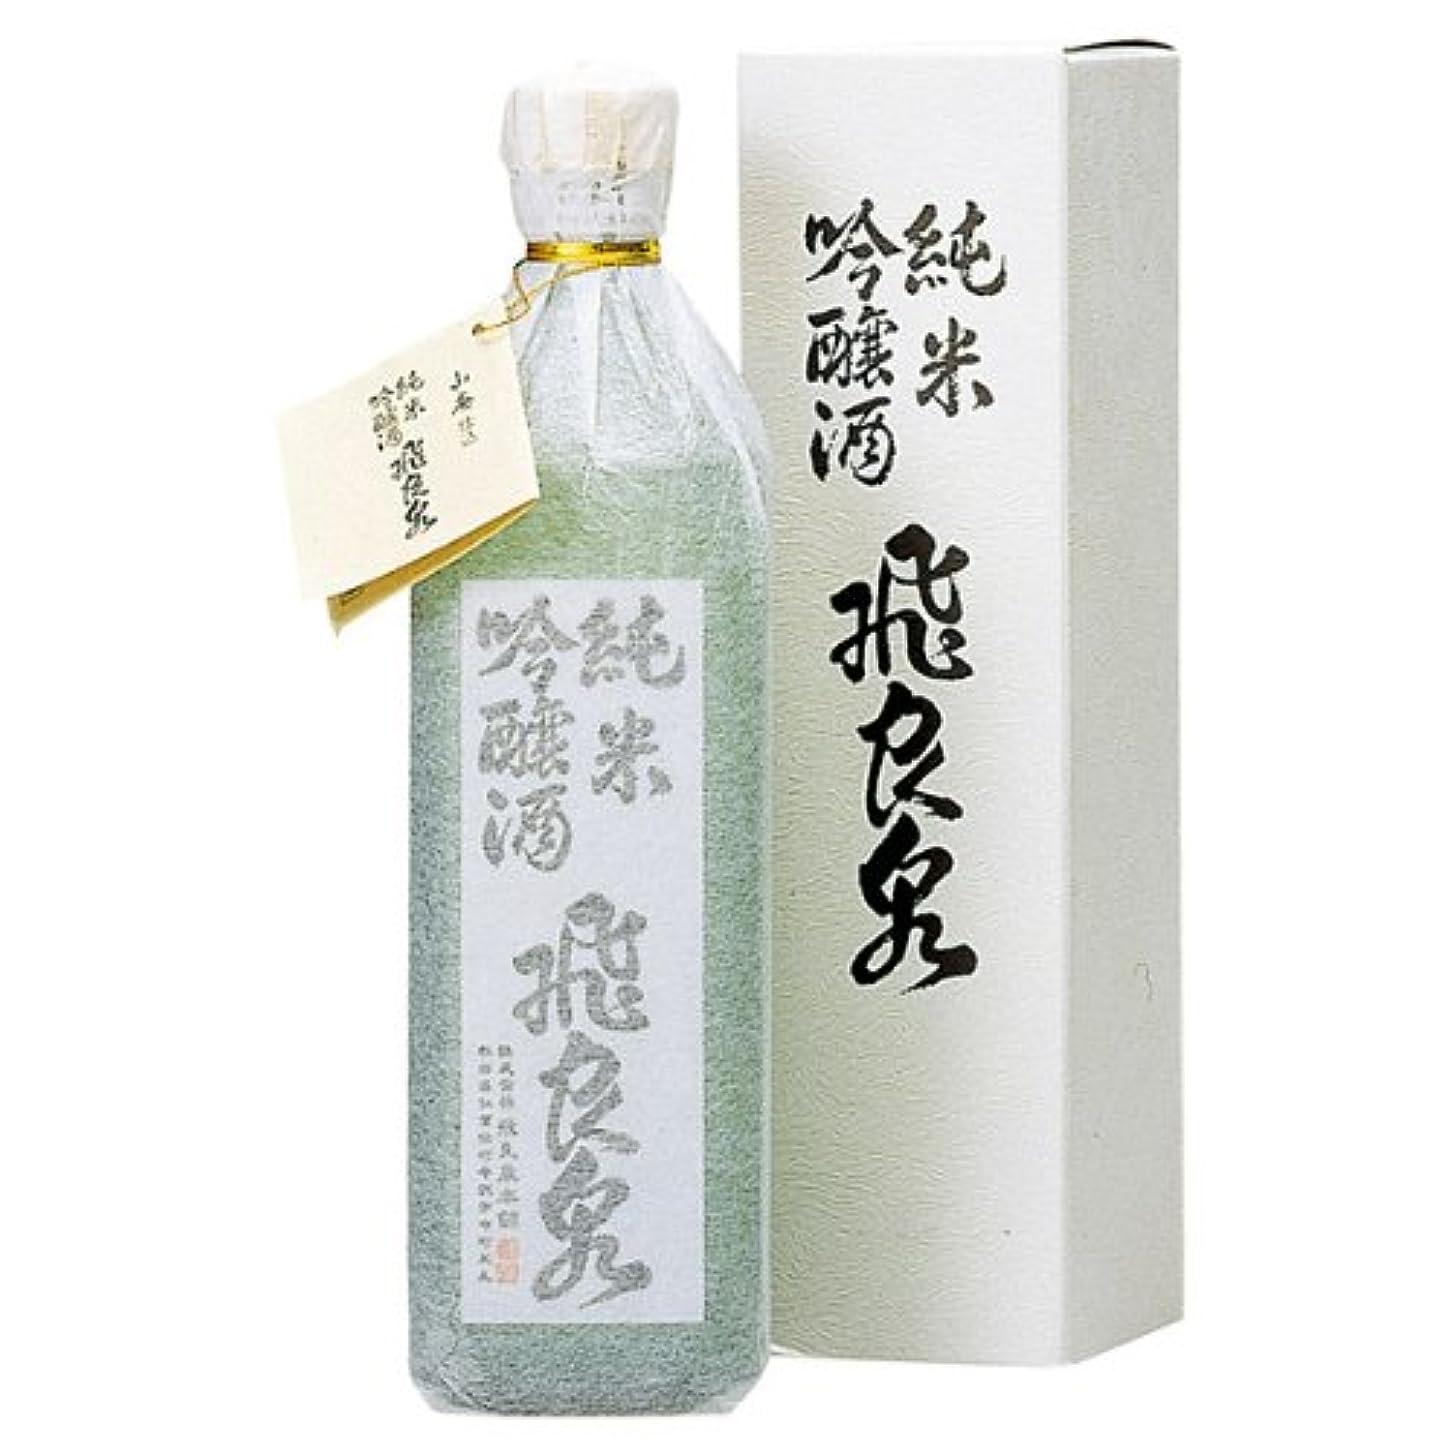 プログラム在庫解釈する飛良泉 純米吟醸酒 [ 日本酒 720ml ]